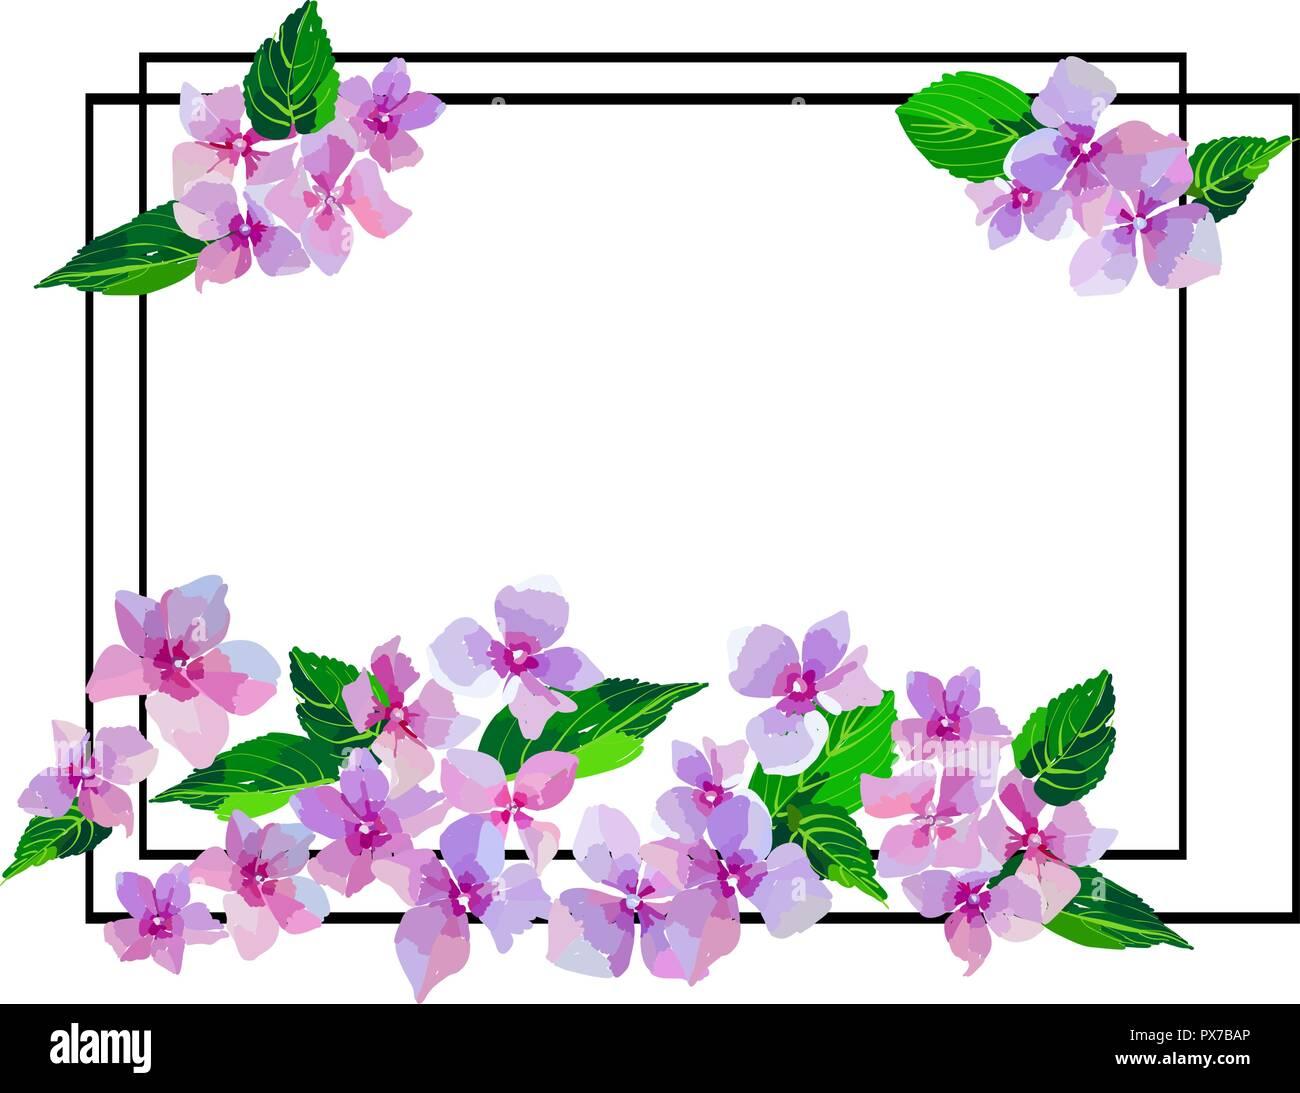 Garden Pink Hydrangea Flowers Botanical Illustration In Hand Drawn